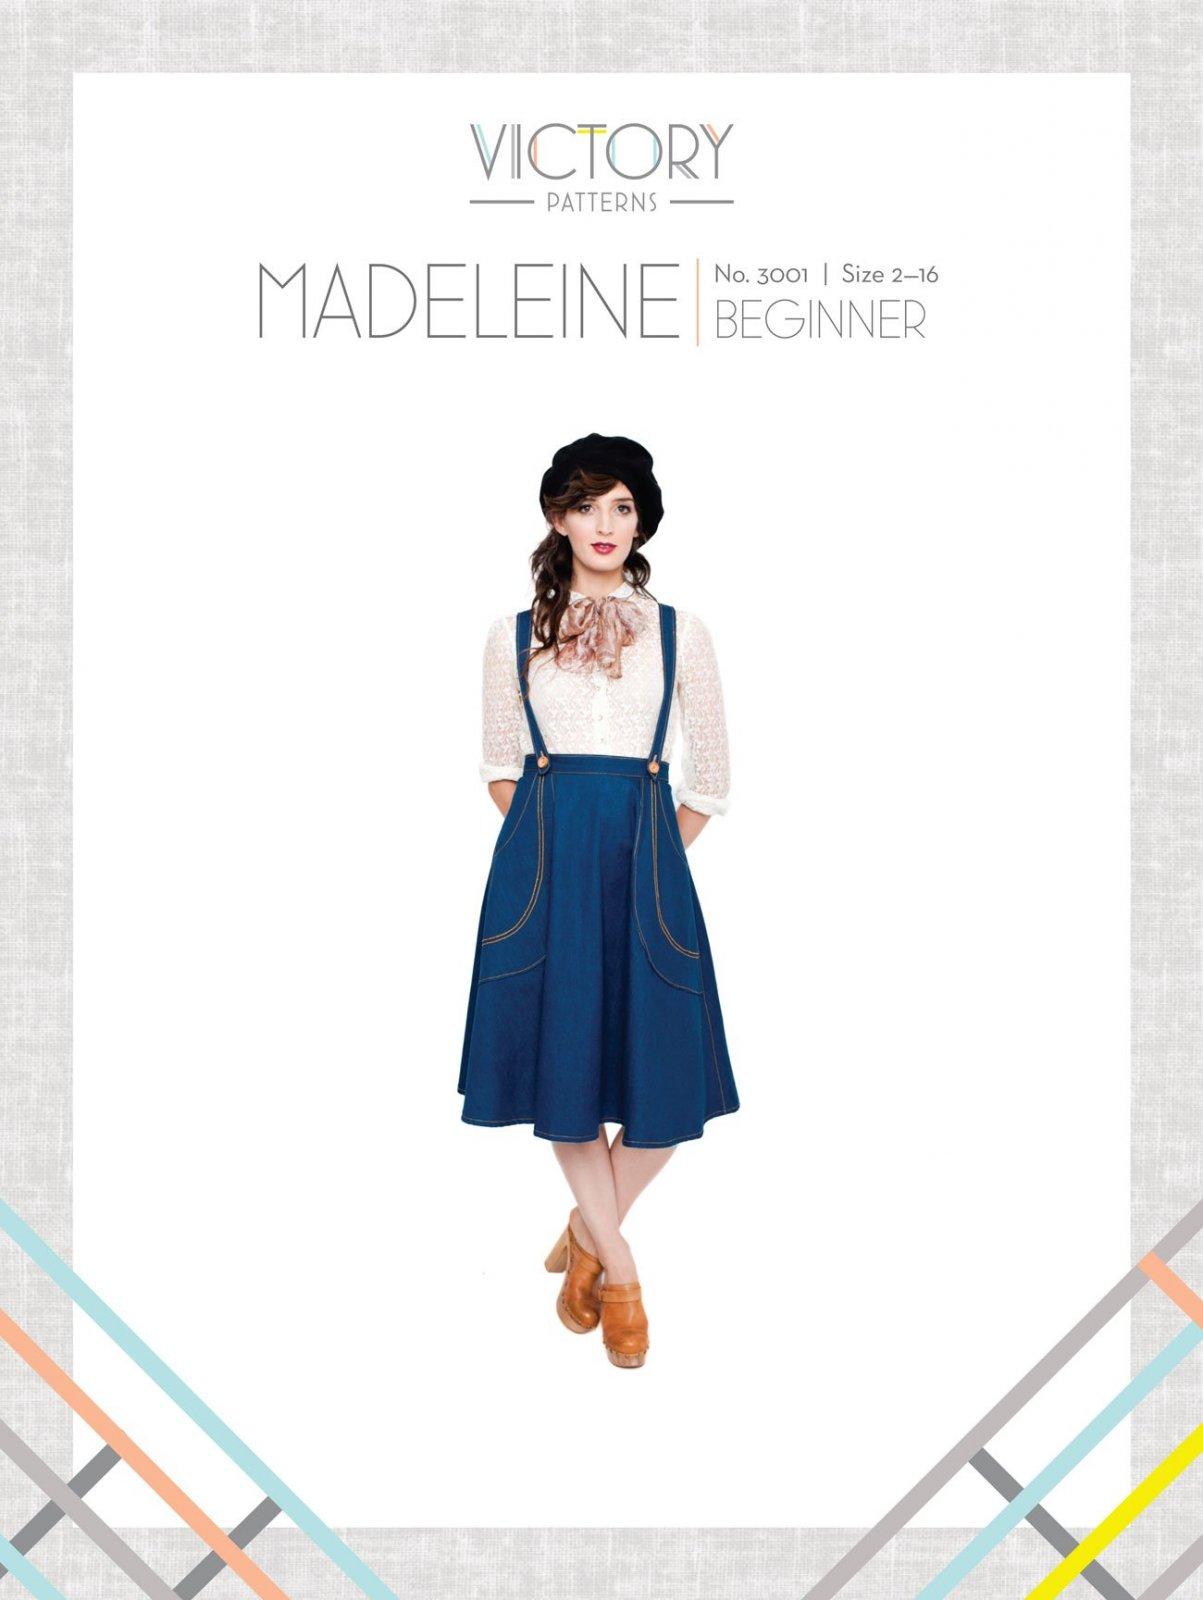 Victory Patterns - Madeleine